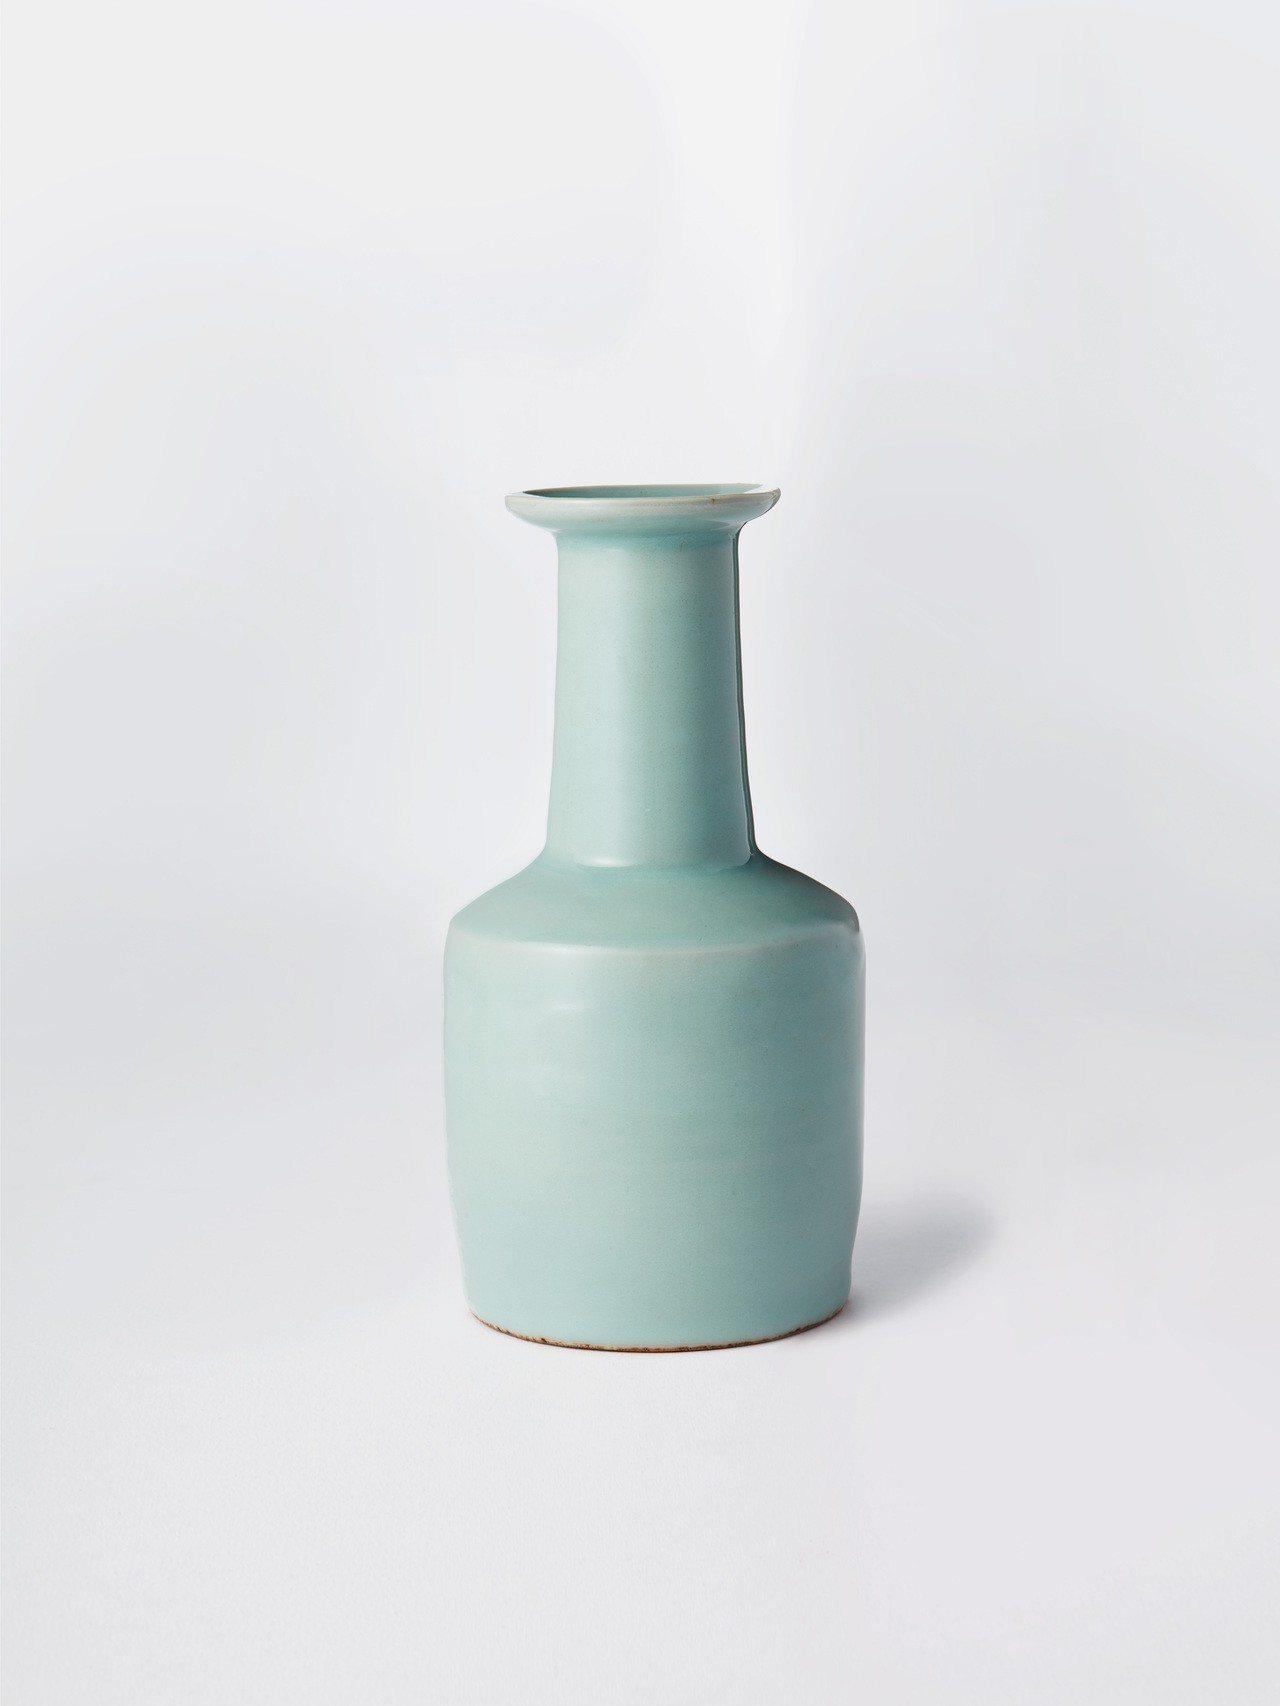 南宋龍泉粉青釉紙搥瓶,估價逾1,173萬元。圖╱佳士得提供